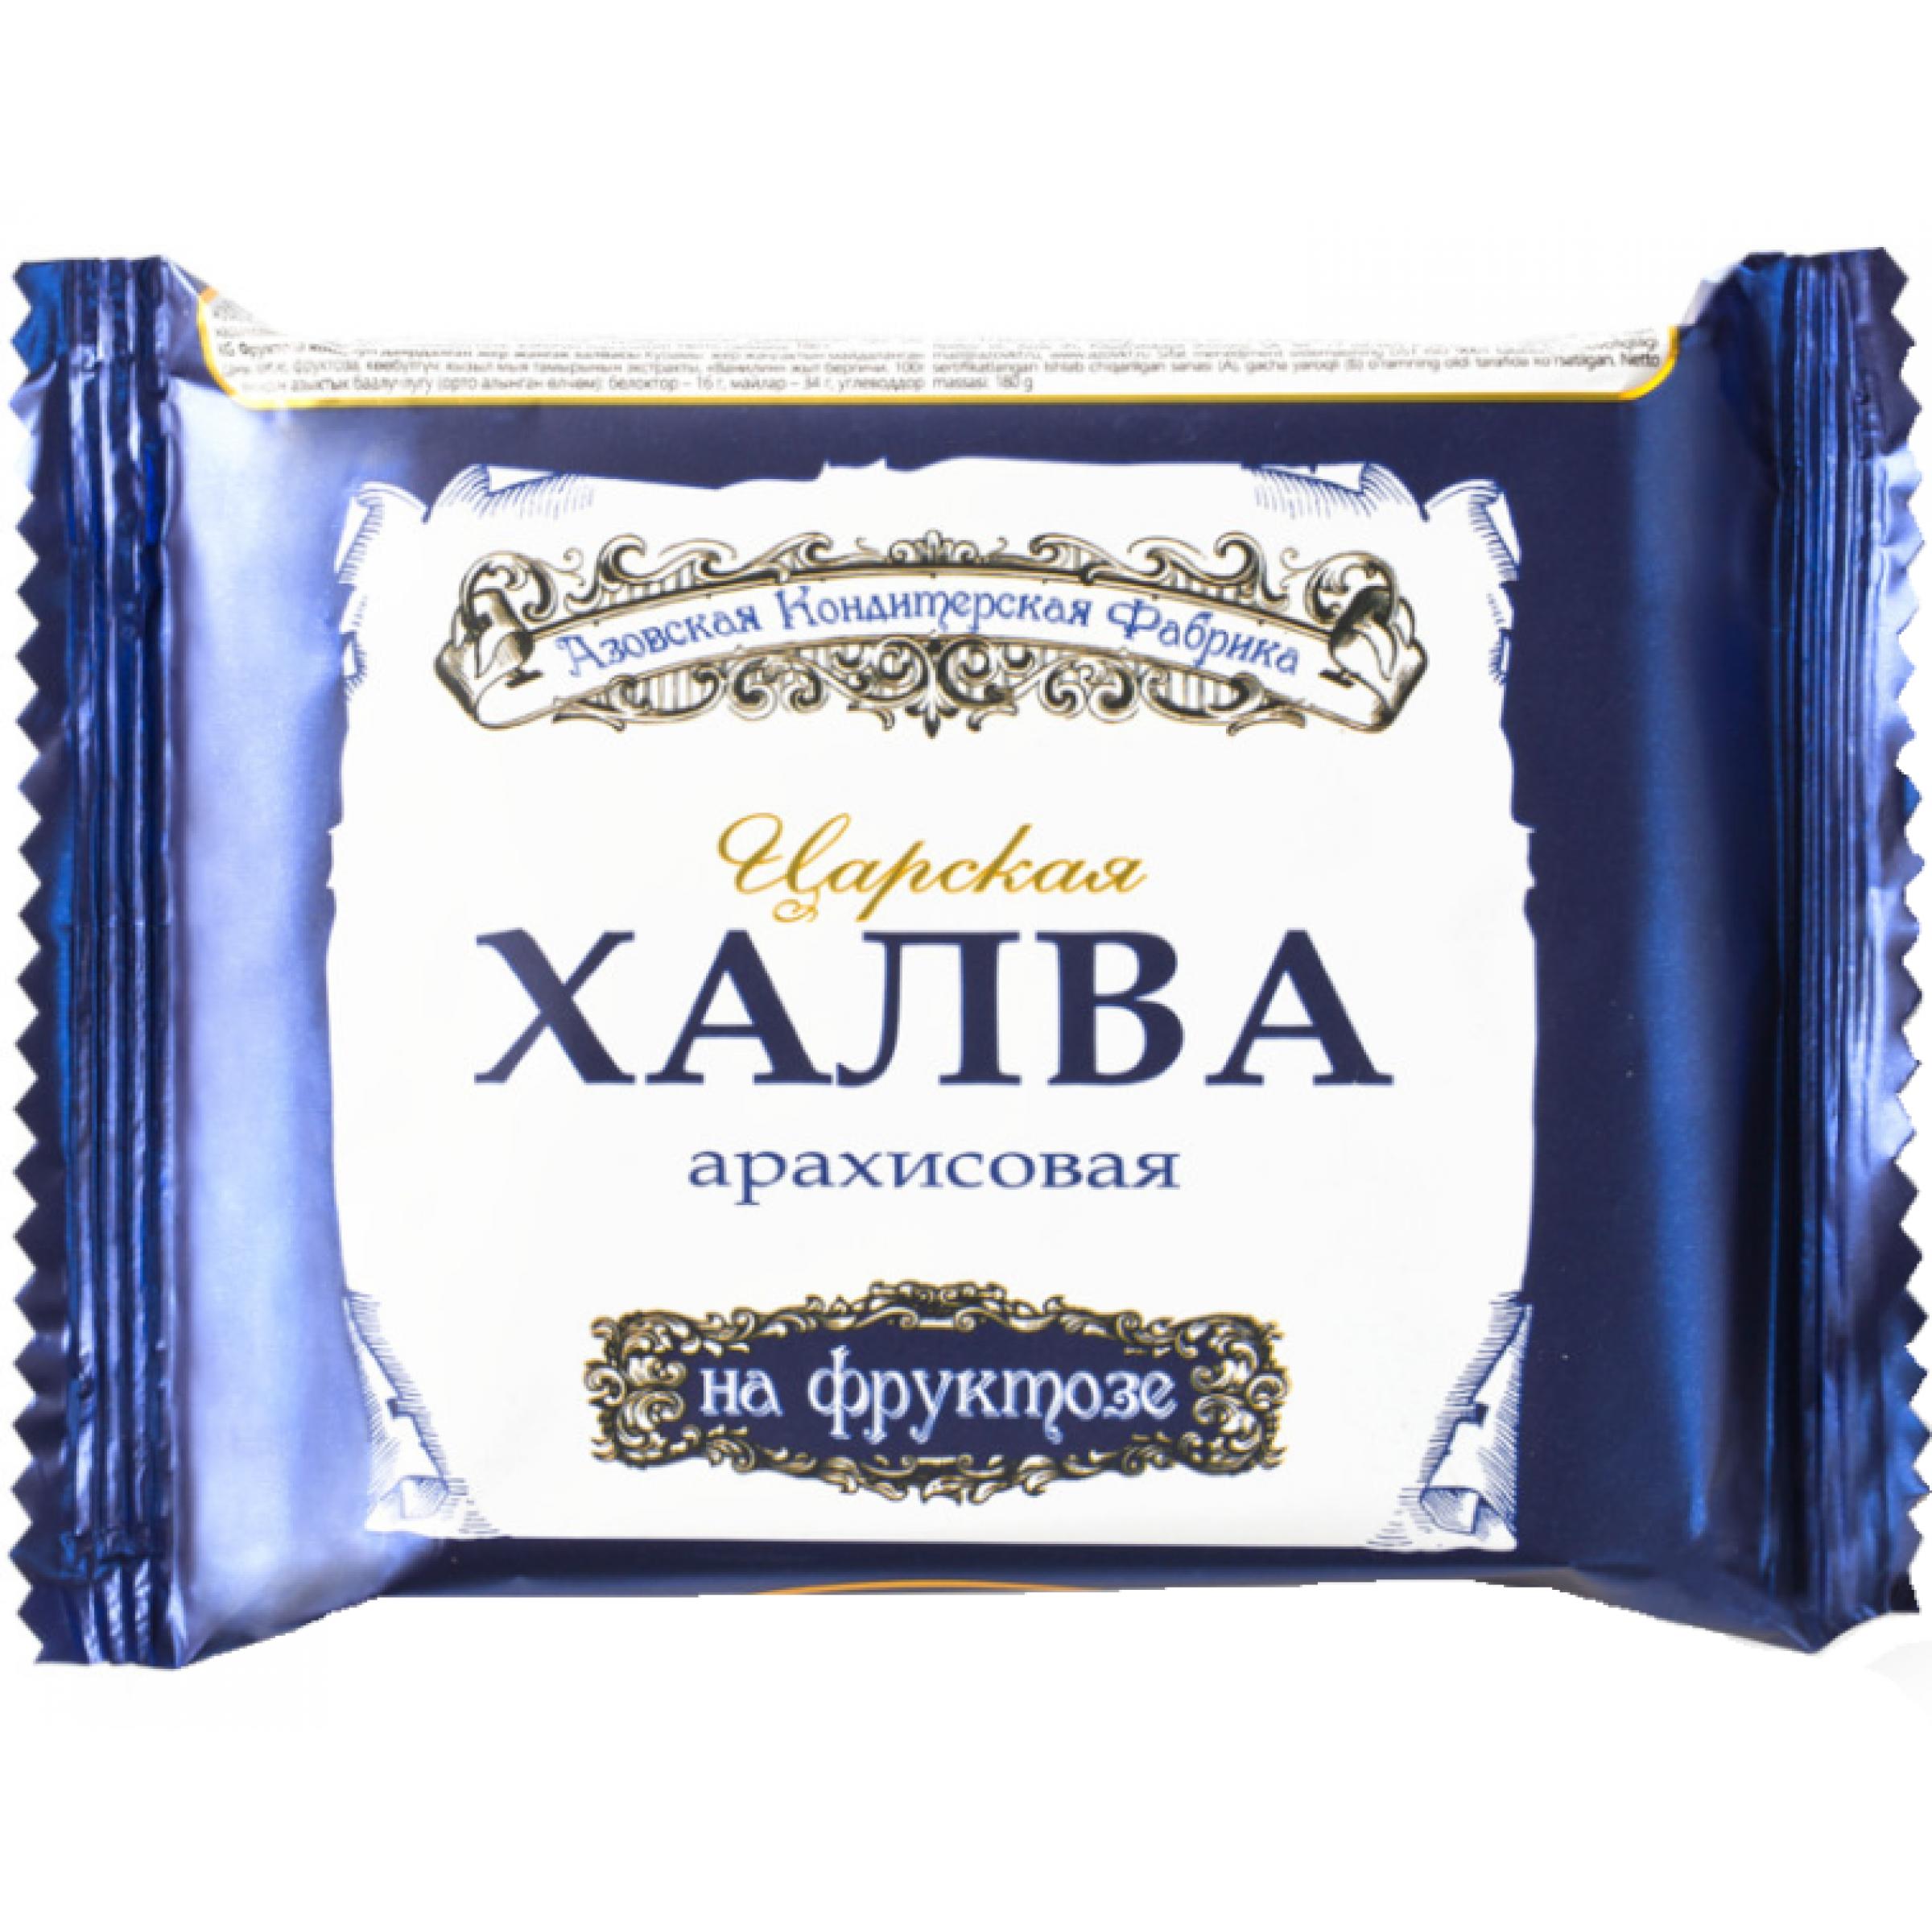 Халва арахисовая на фруктозе, Азовская кондитерская фабрика, 180 гр